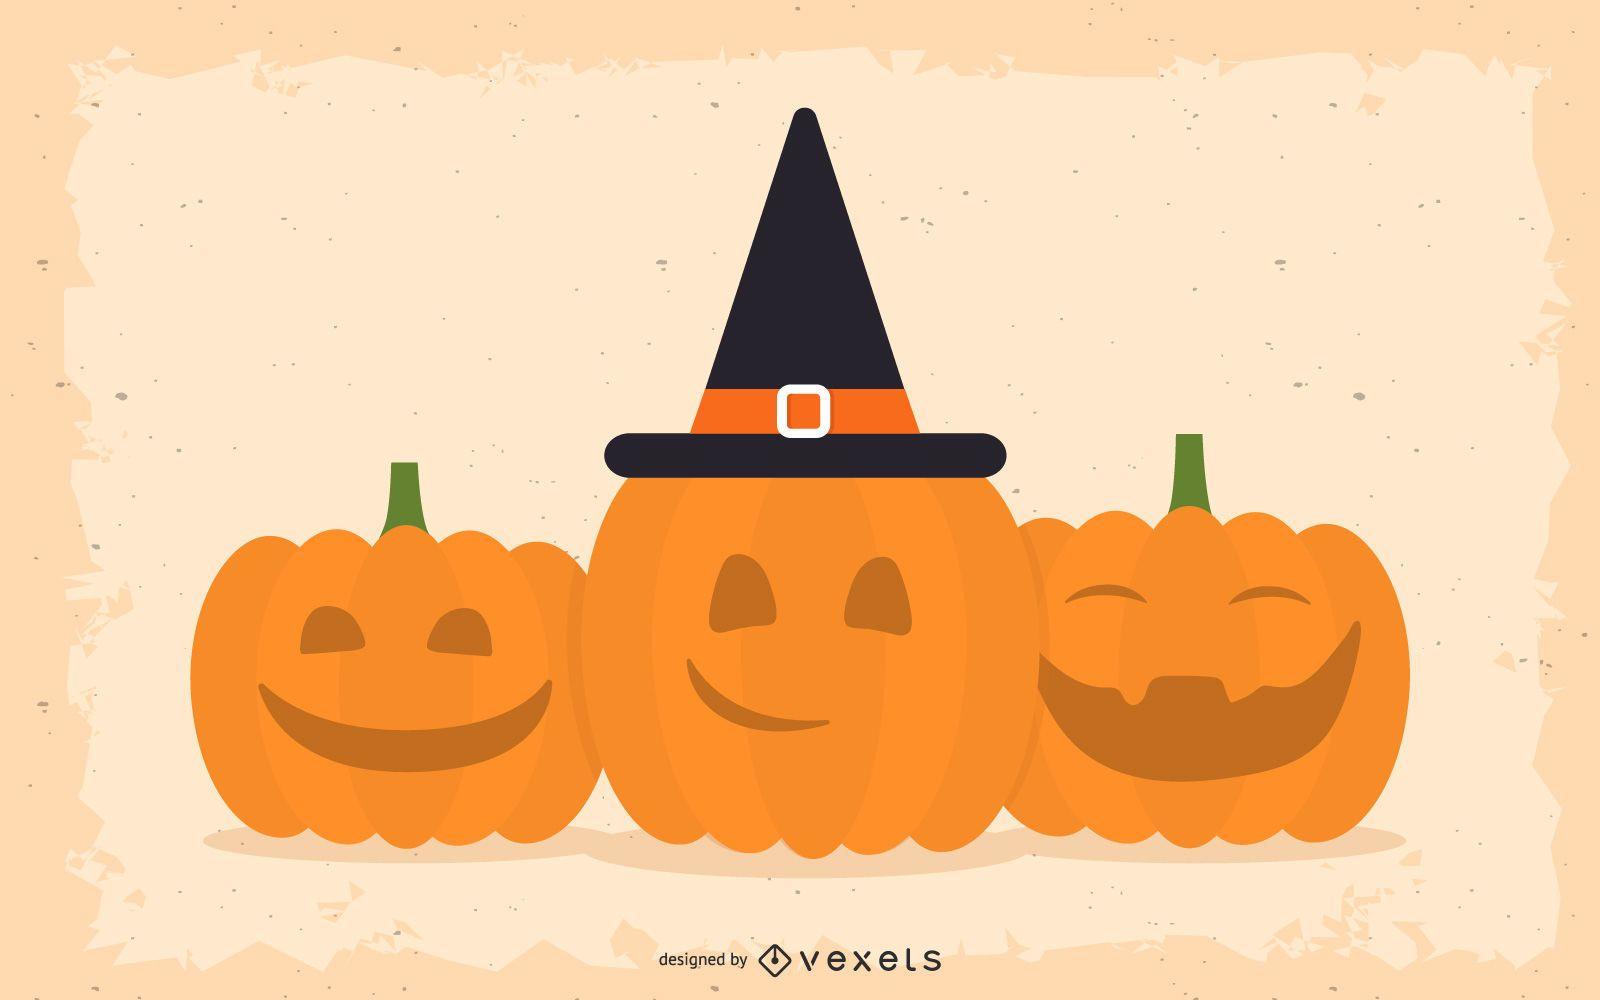 Calabazas de Halloween sonrientes y felices